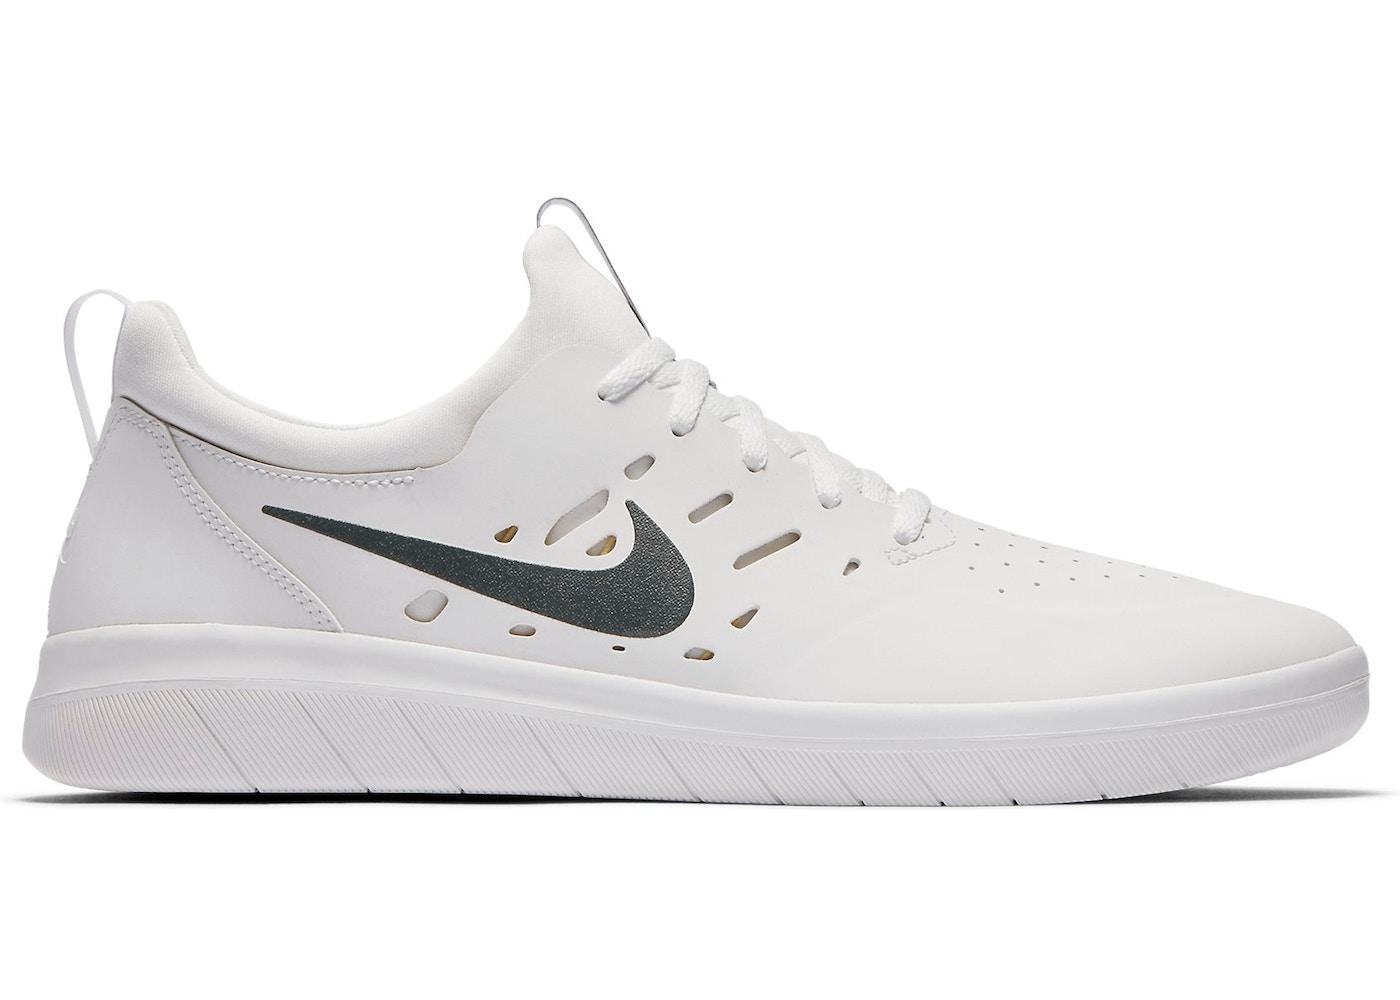 e4cdb3f1c10db HypeAnalyzer · Nike SB Nyjah White Anthracite